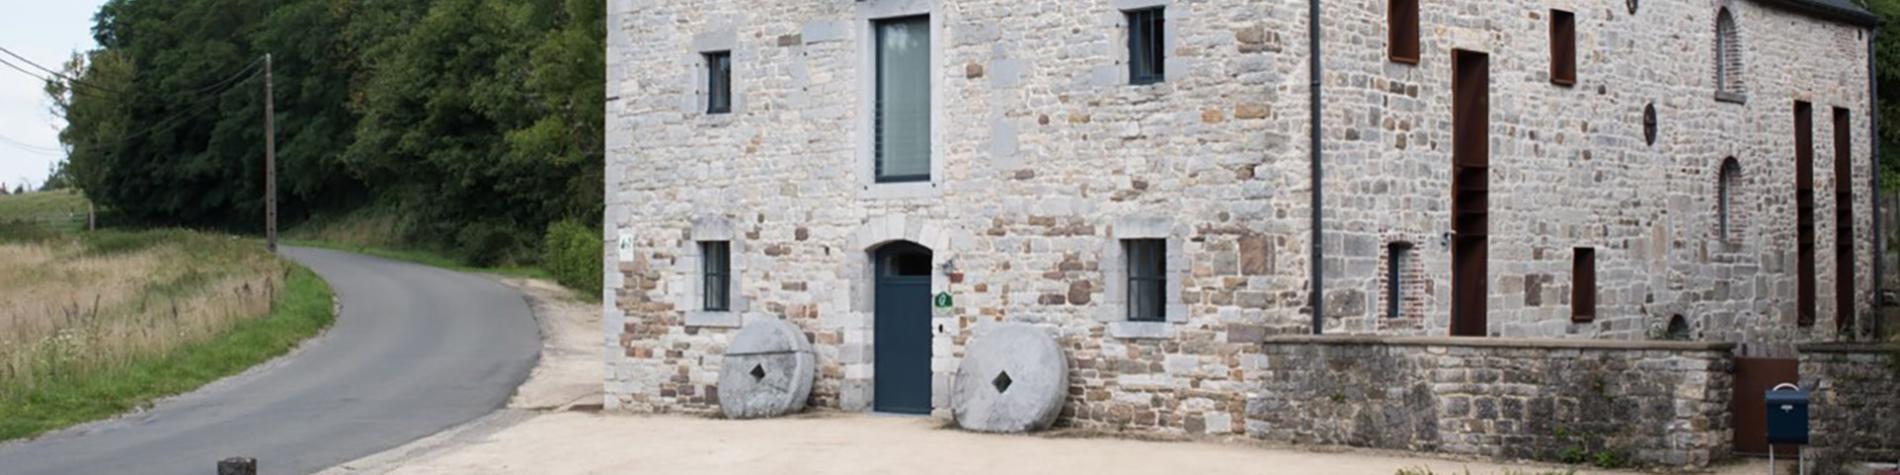 Gîte Rural - Le Moulin de l'Abbaye - Gesves - 2 Personnes